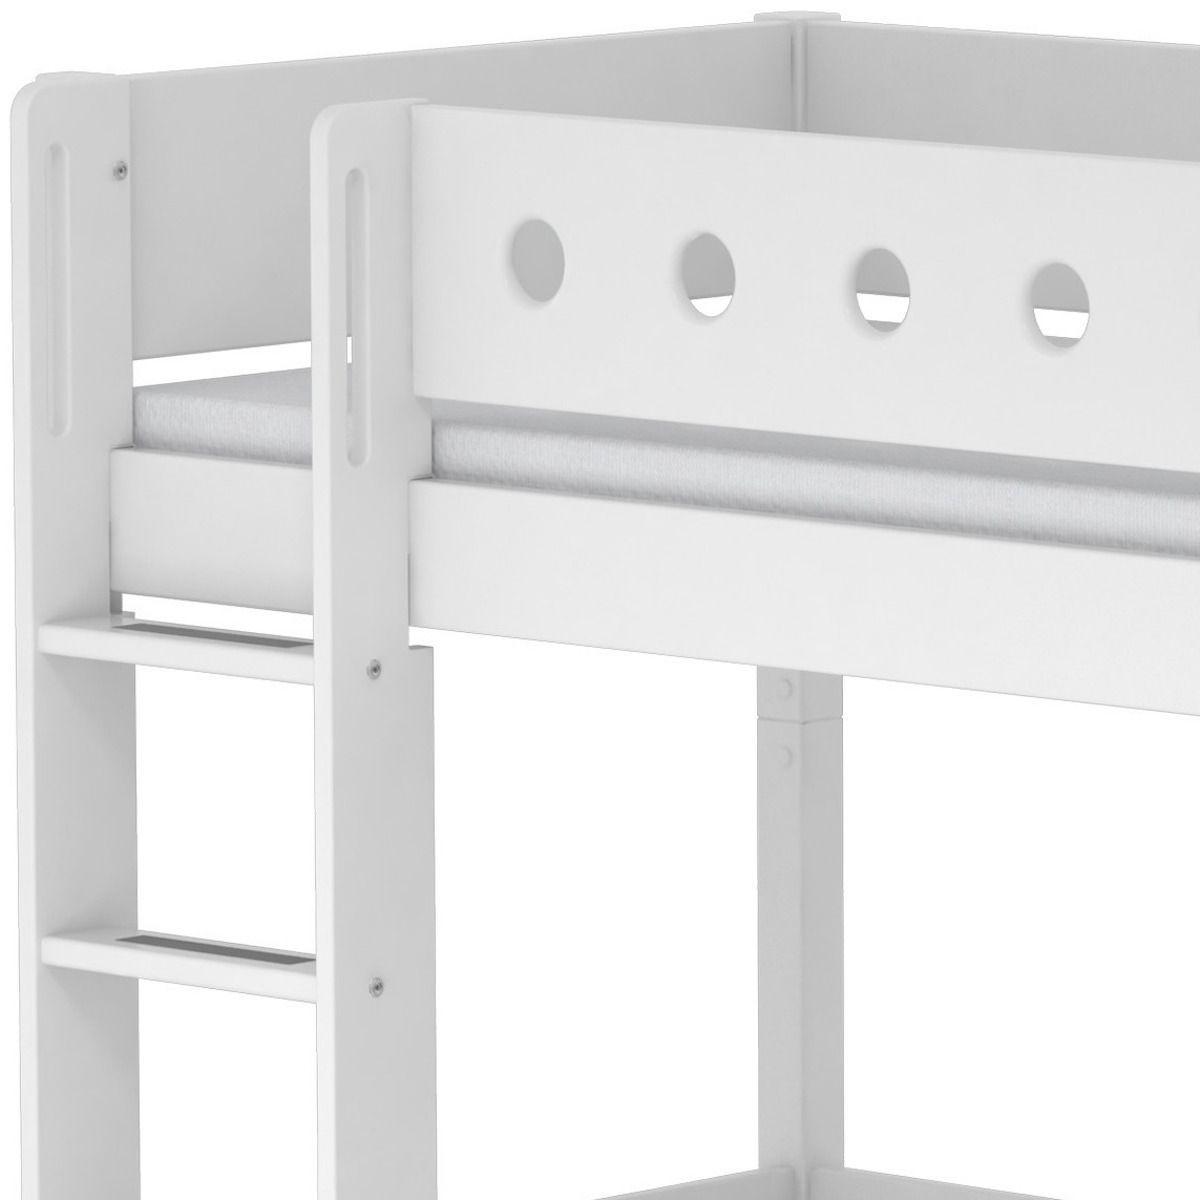 Lit mezzanine enfant 90x190 WHITE Flexa avec barrière blanche, pied blanc, module de couchage, bureau click-on